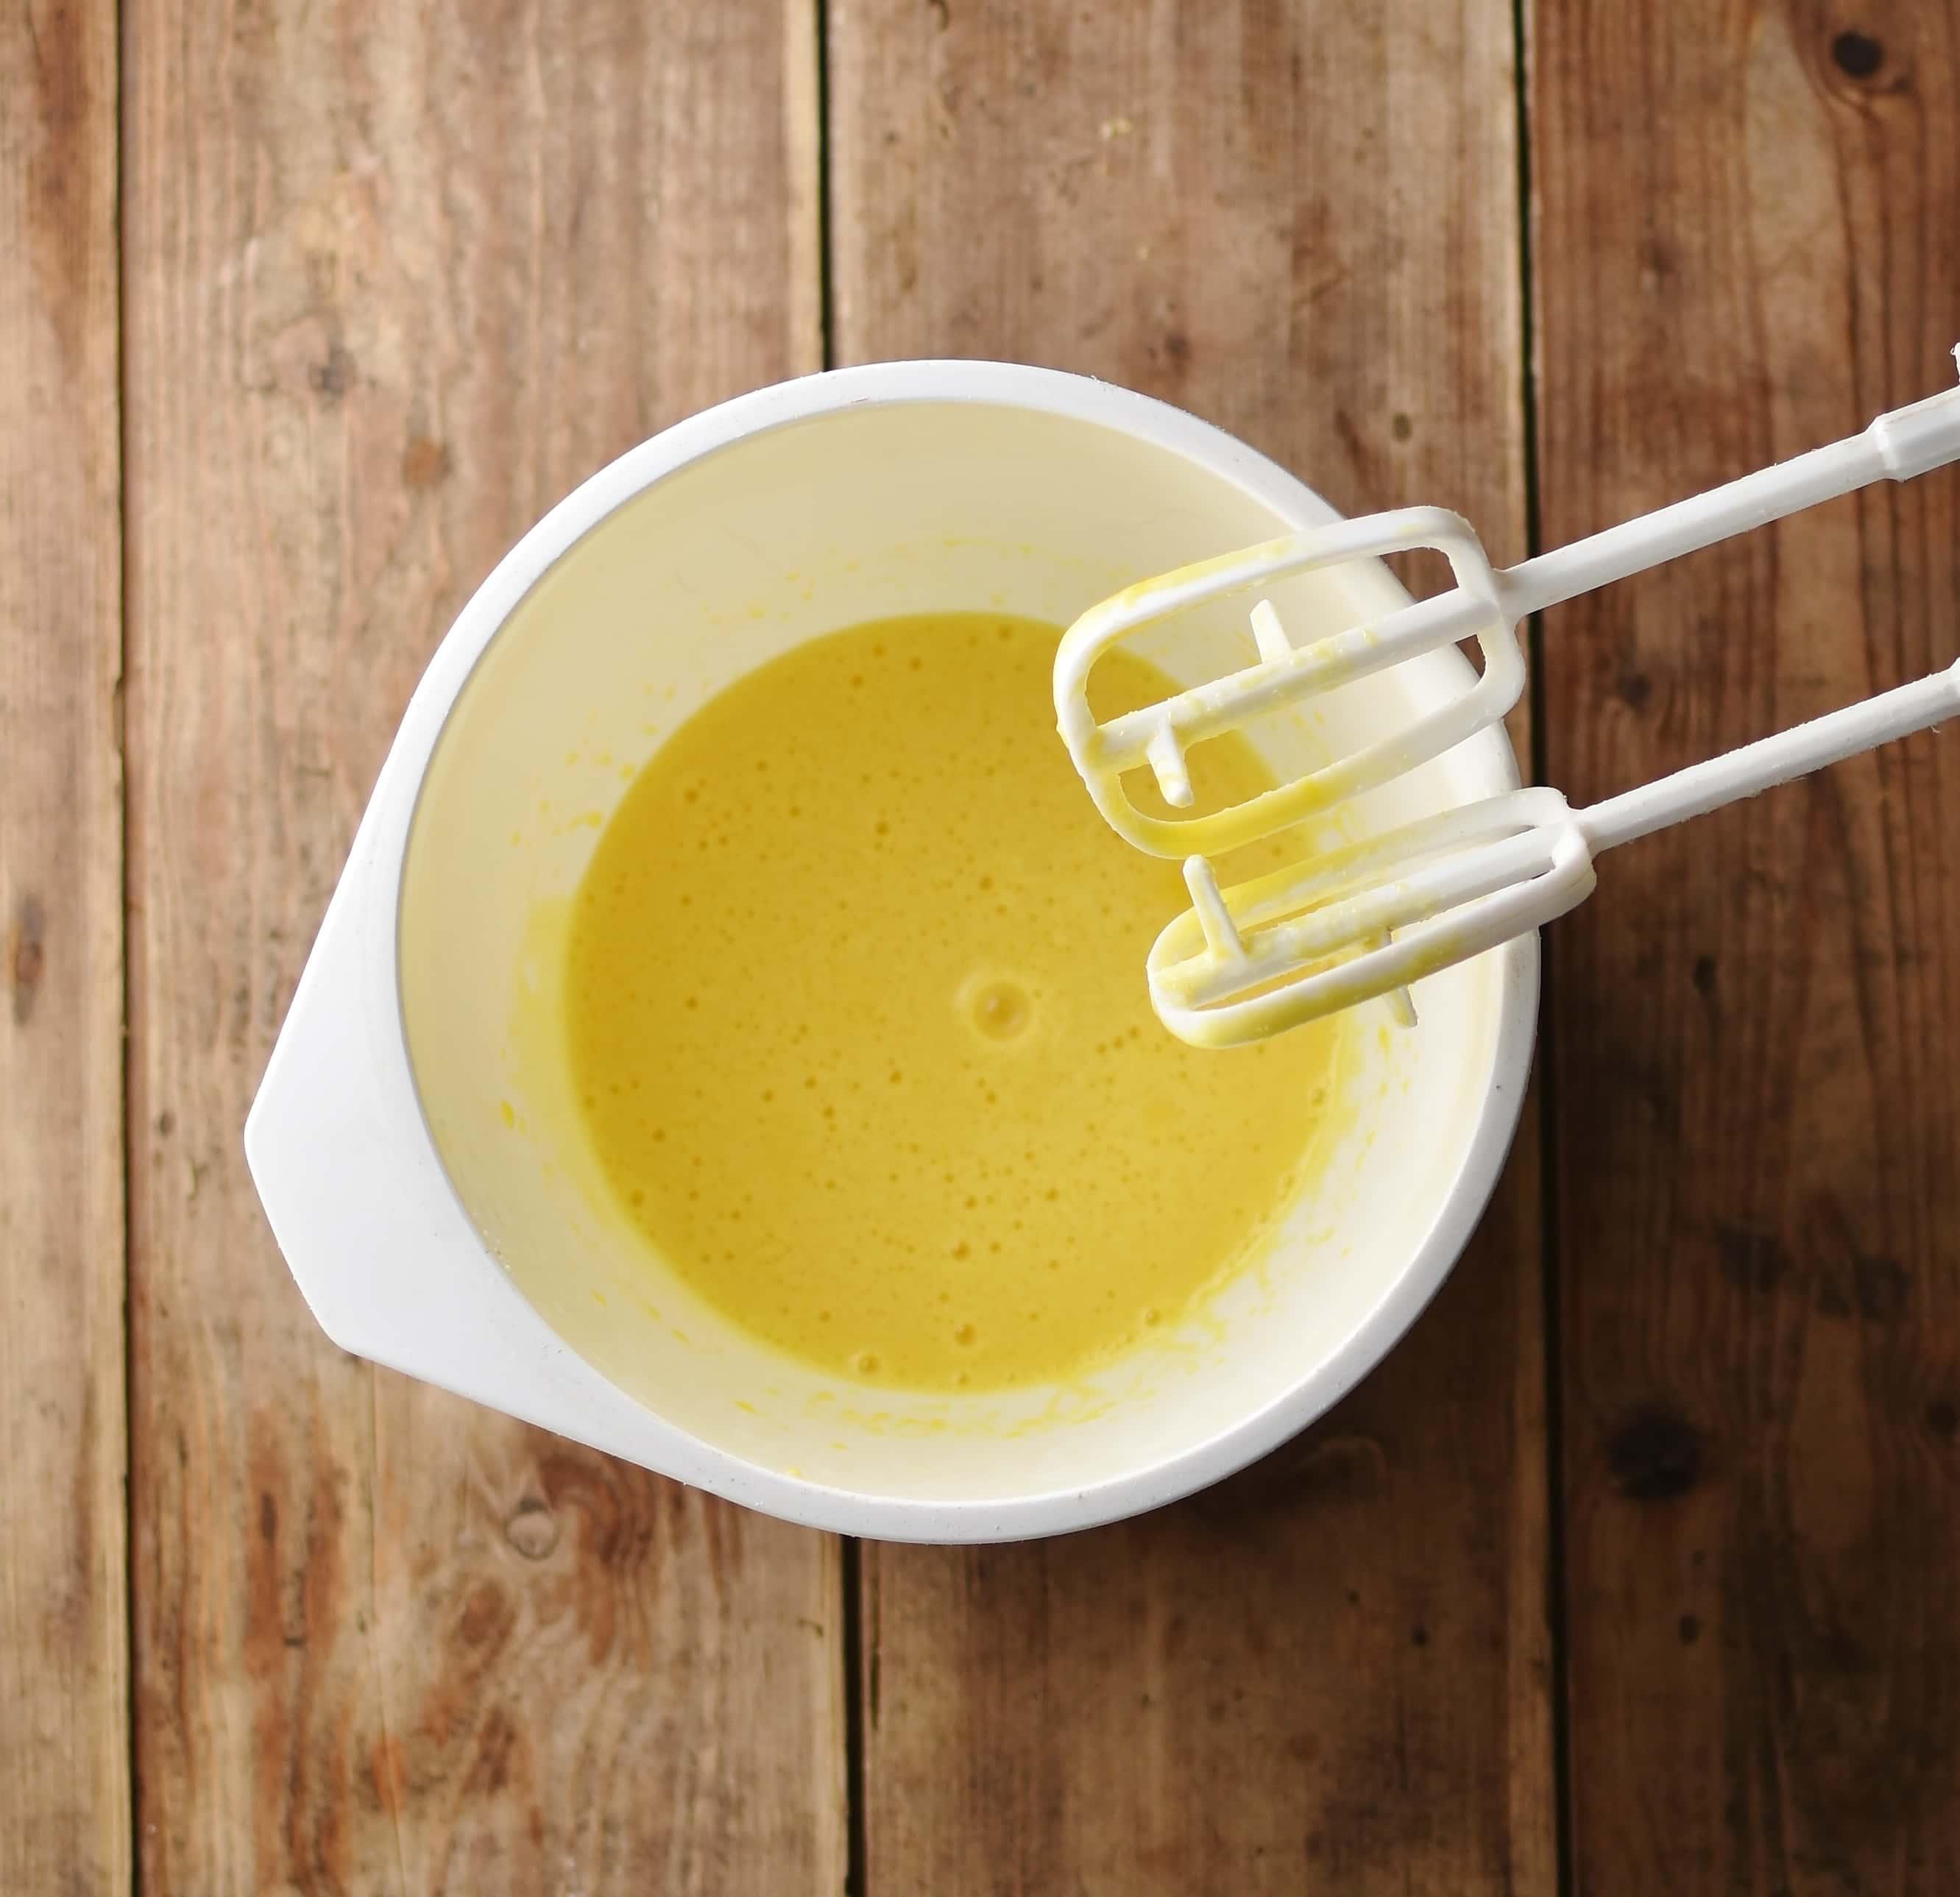 Beaten eggs and oil inside white bowl.